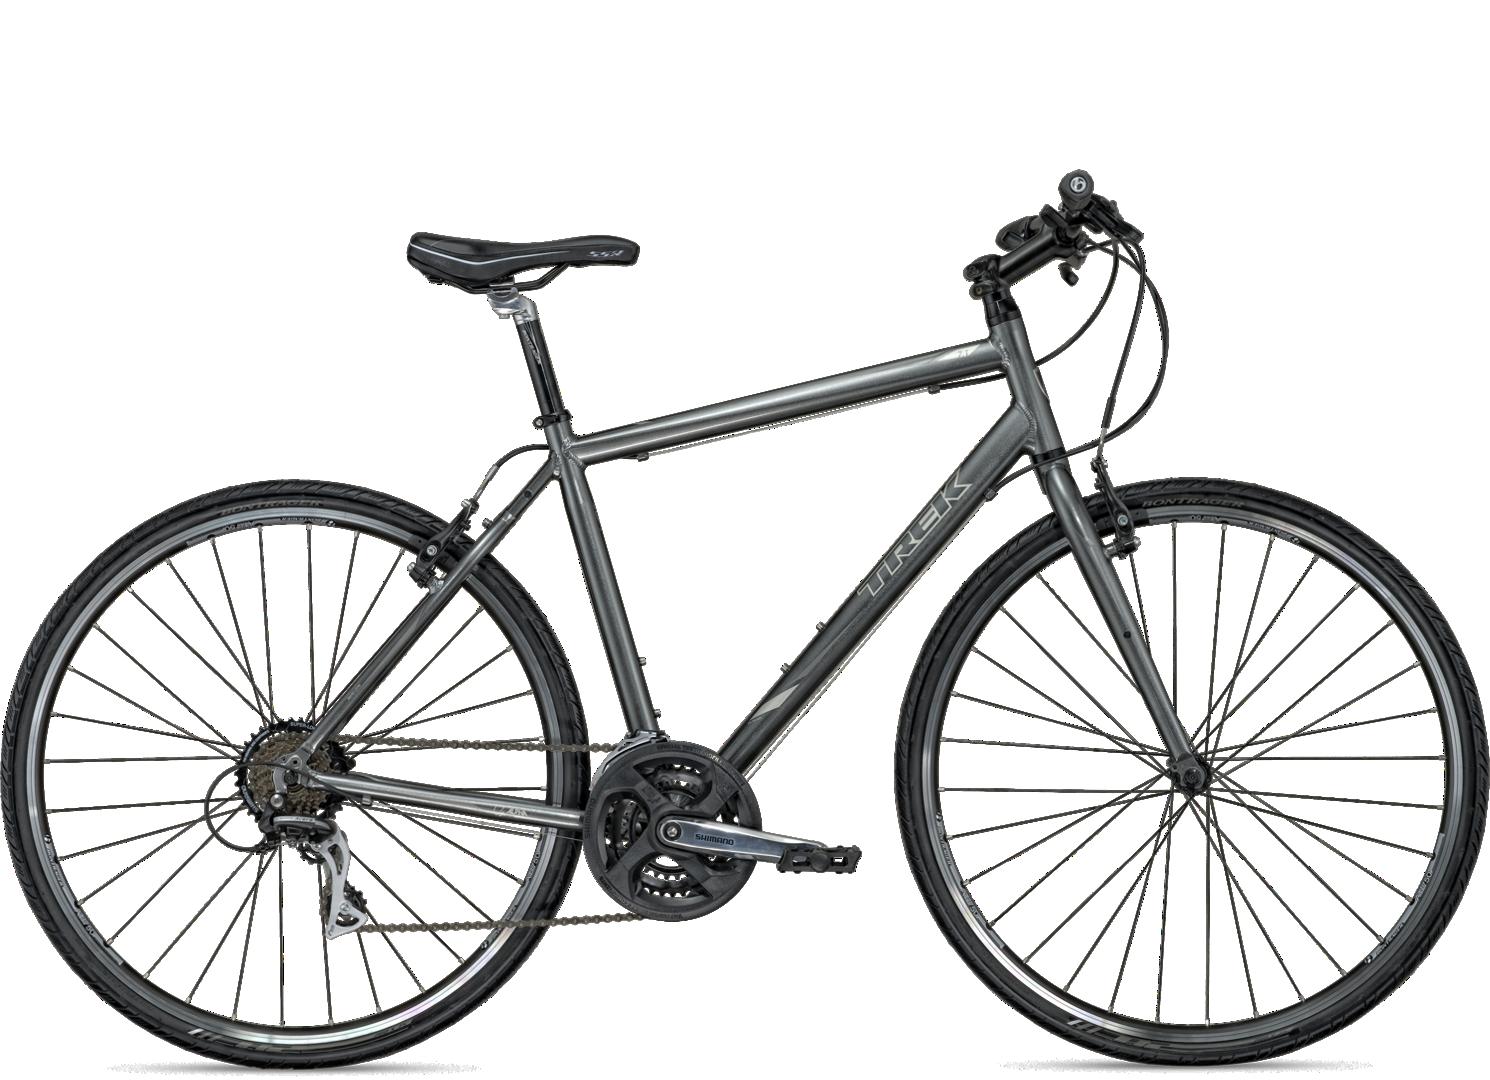 Trek 7 1 Fx 469 99 Hybrid Bike Bicycles Trek Bicycle Bicycle